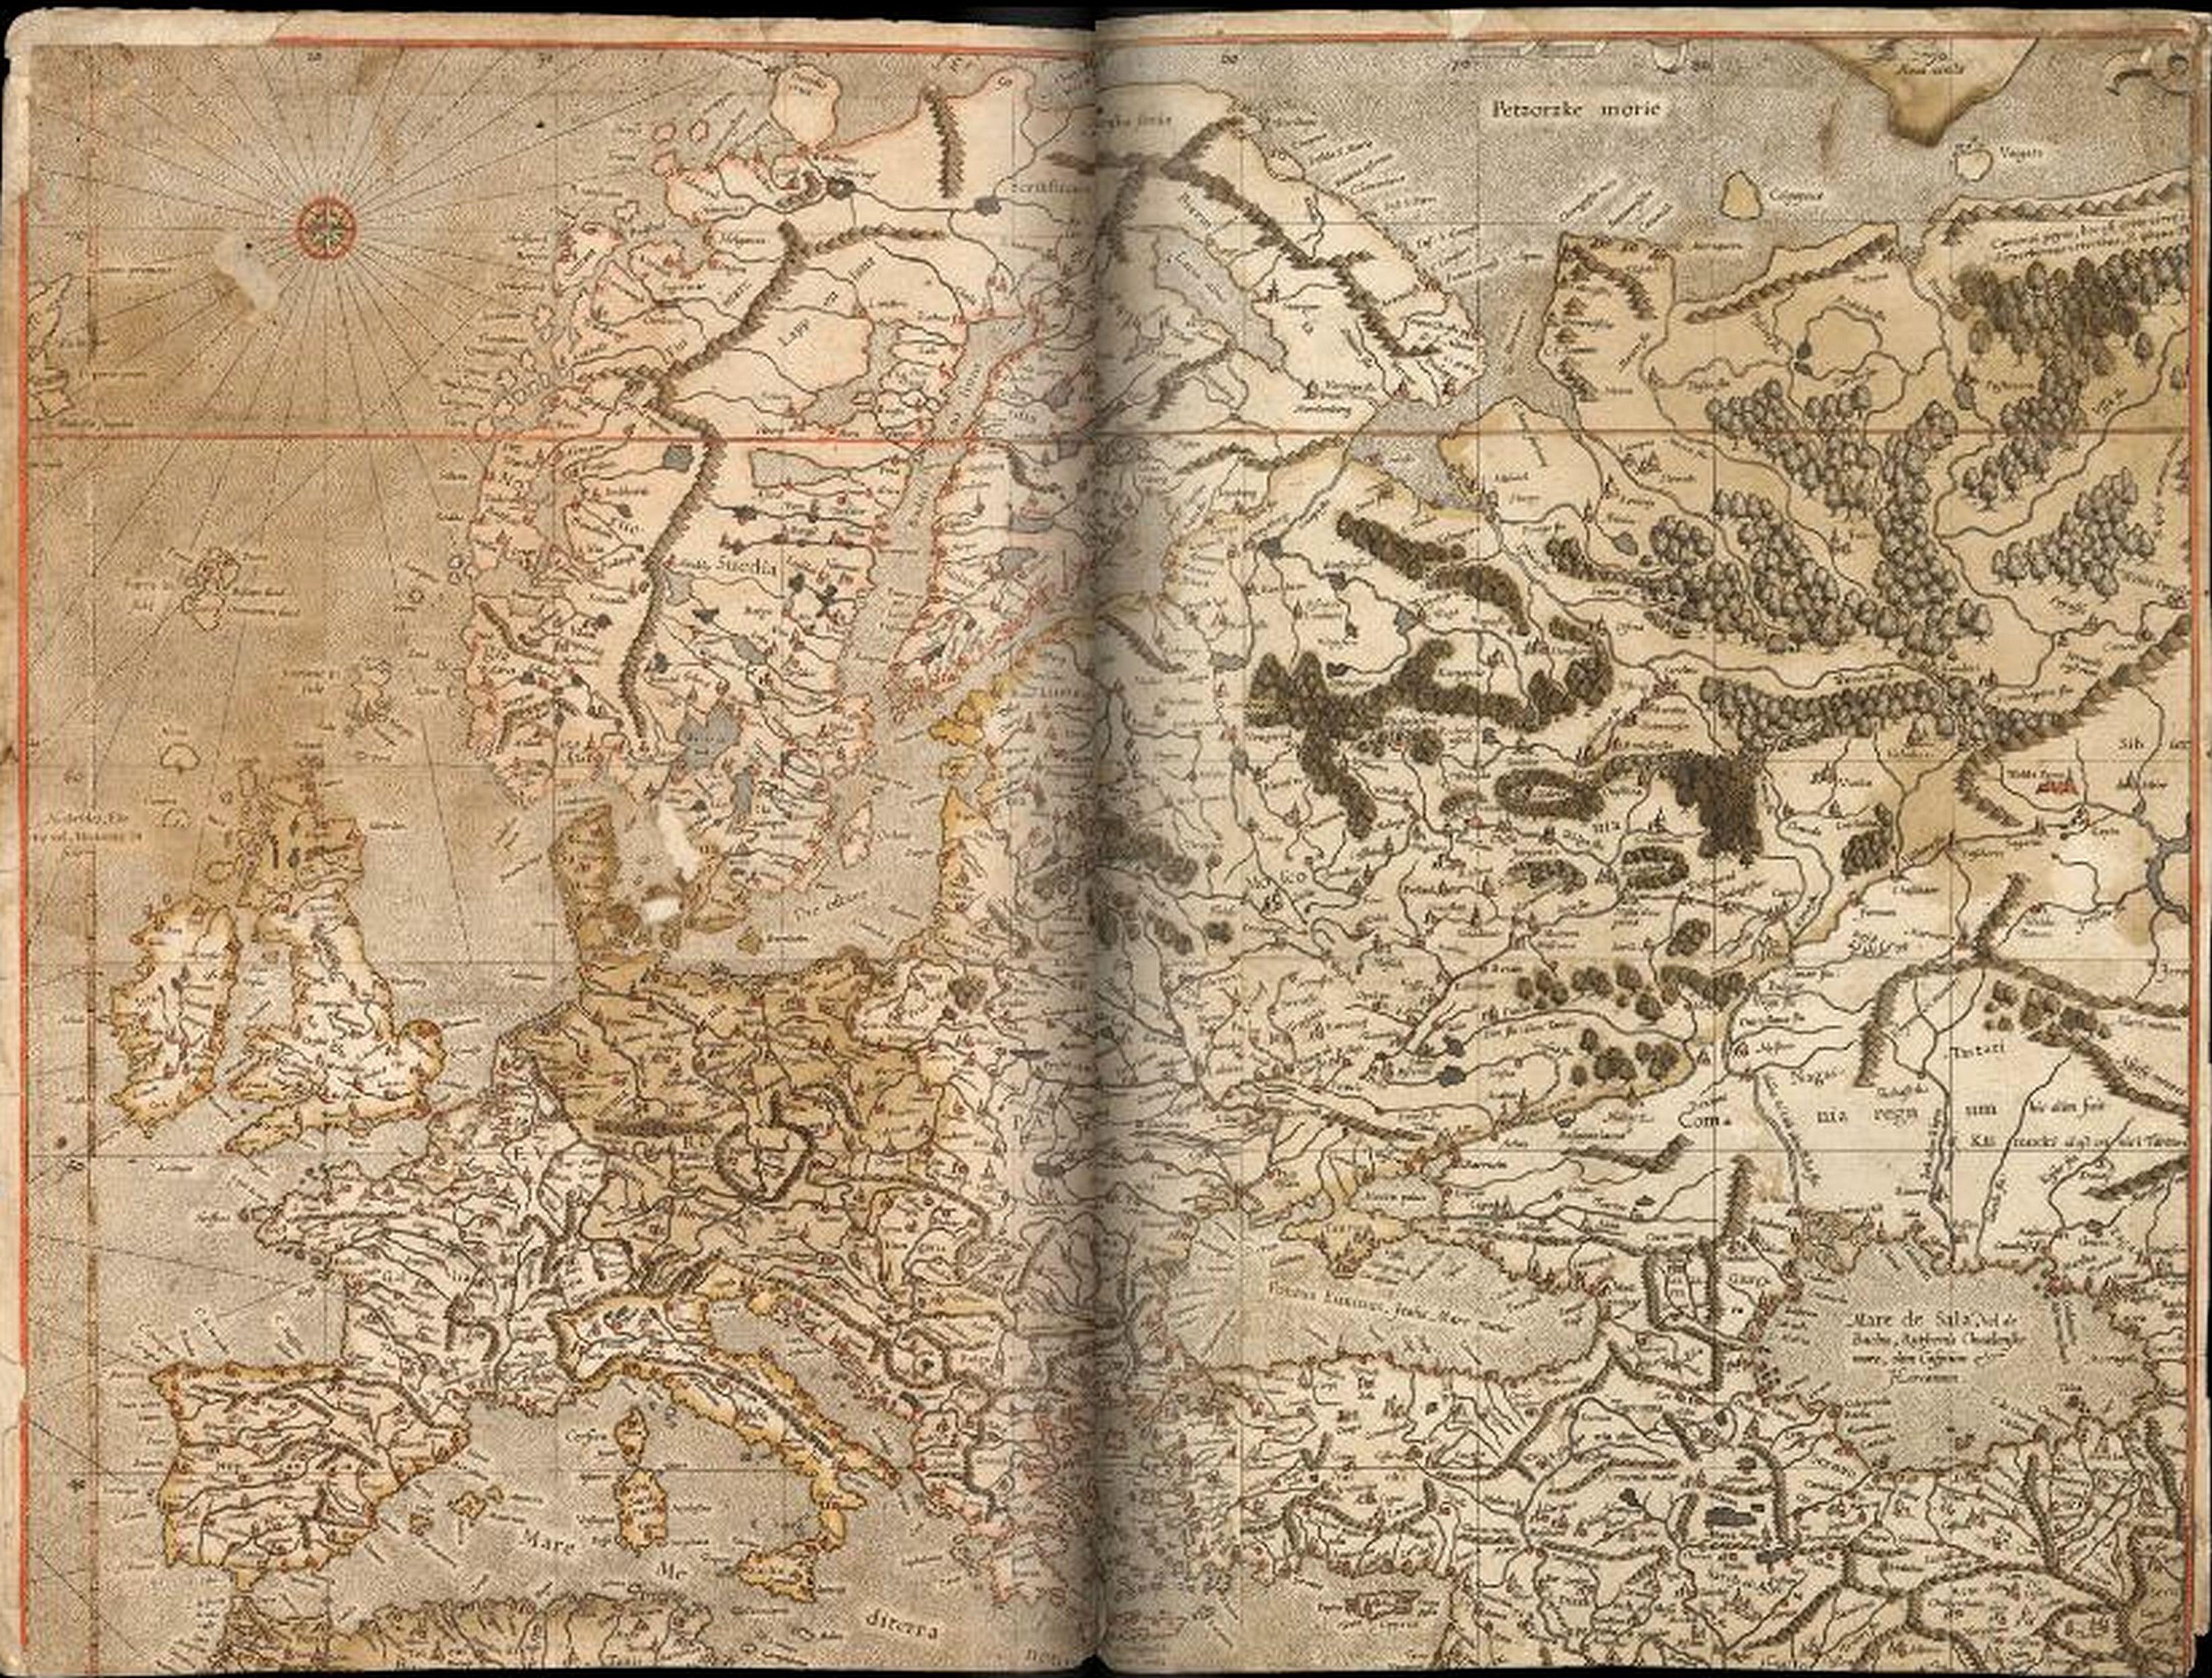 Archivo:MercatormapFullEurope16thcentury.jpg